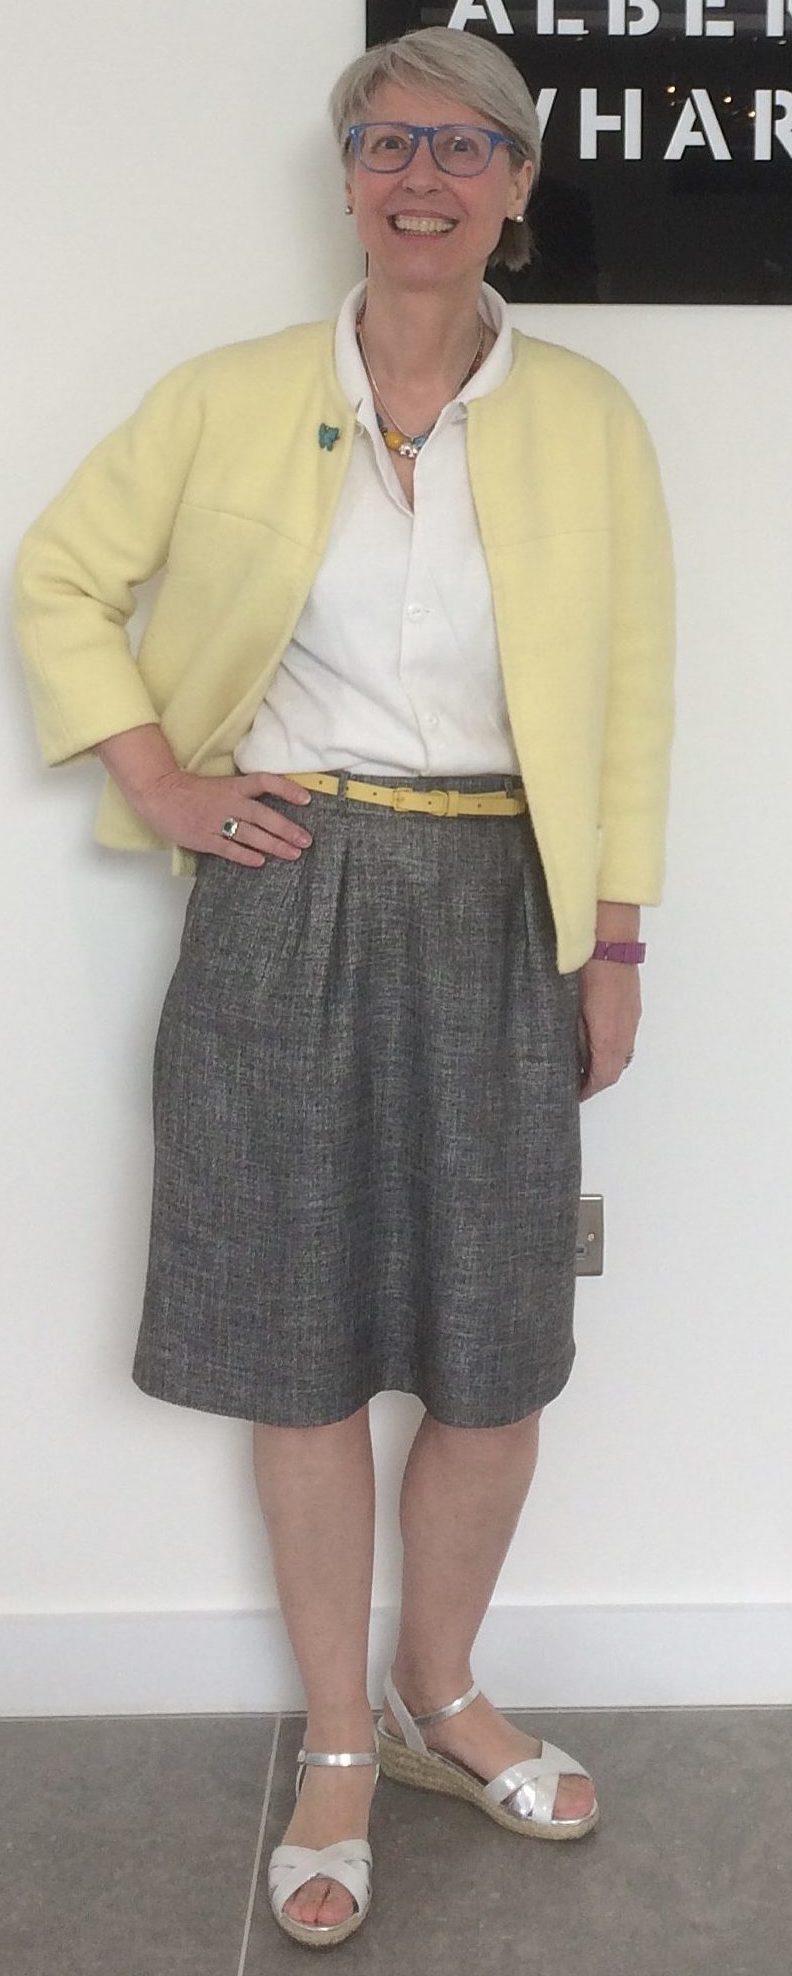 5. 1980s skirt, 1950s blouse, 1960s jacket